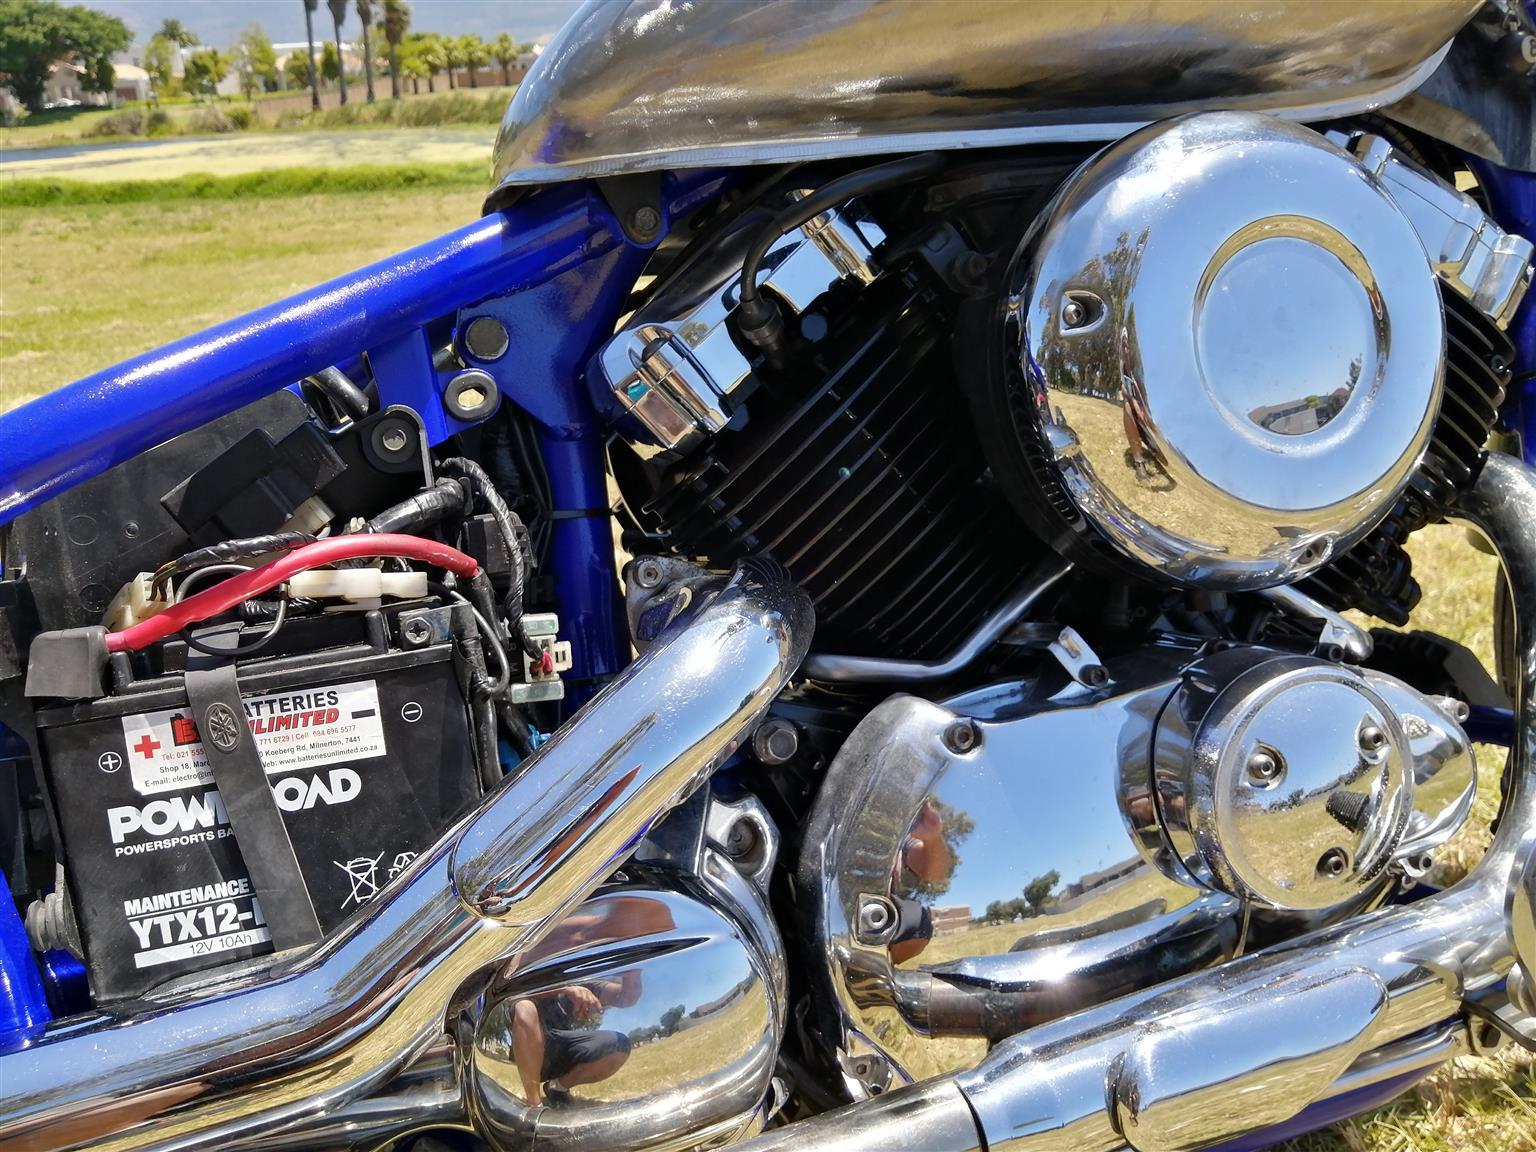 2002 Yamaha Dragstar